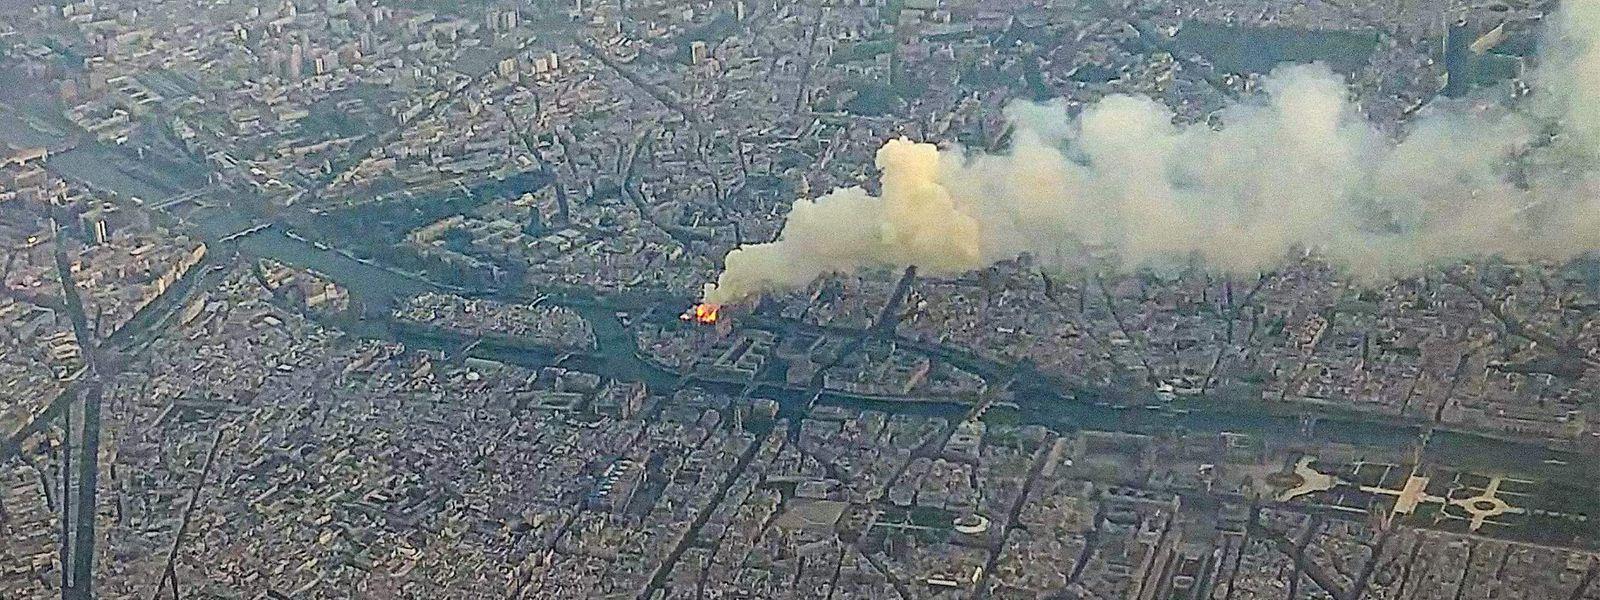 Une photo prise d'avion le 15 avril 2019 lorsque la cathédrale de Paris brûle.